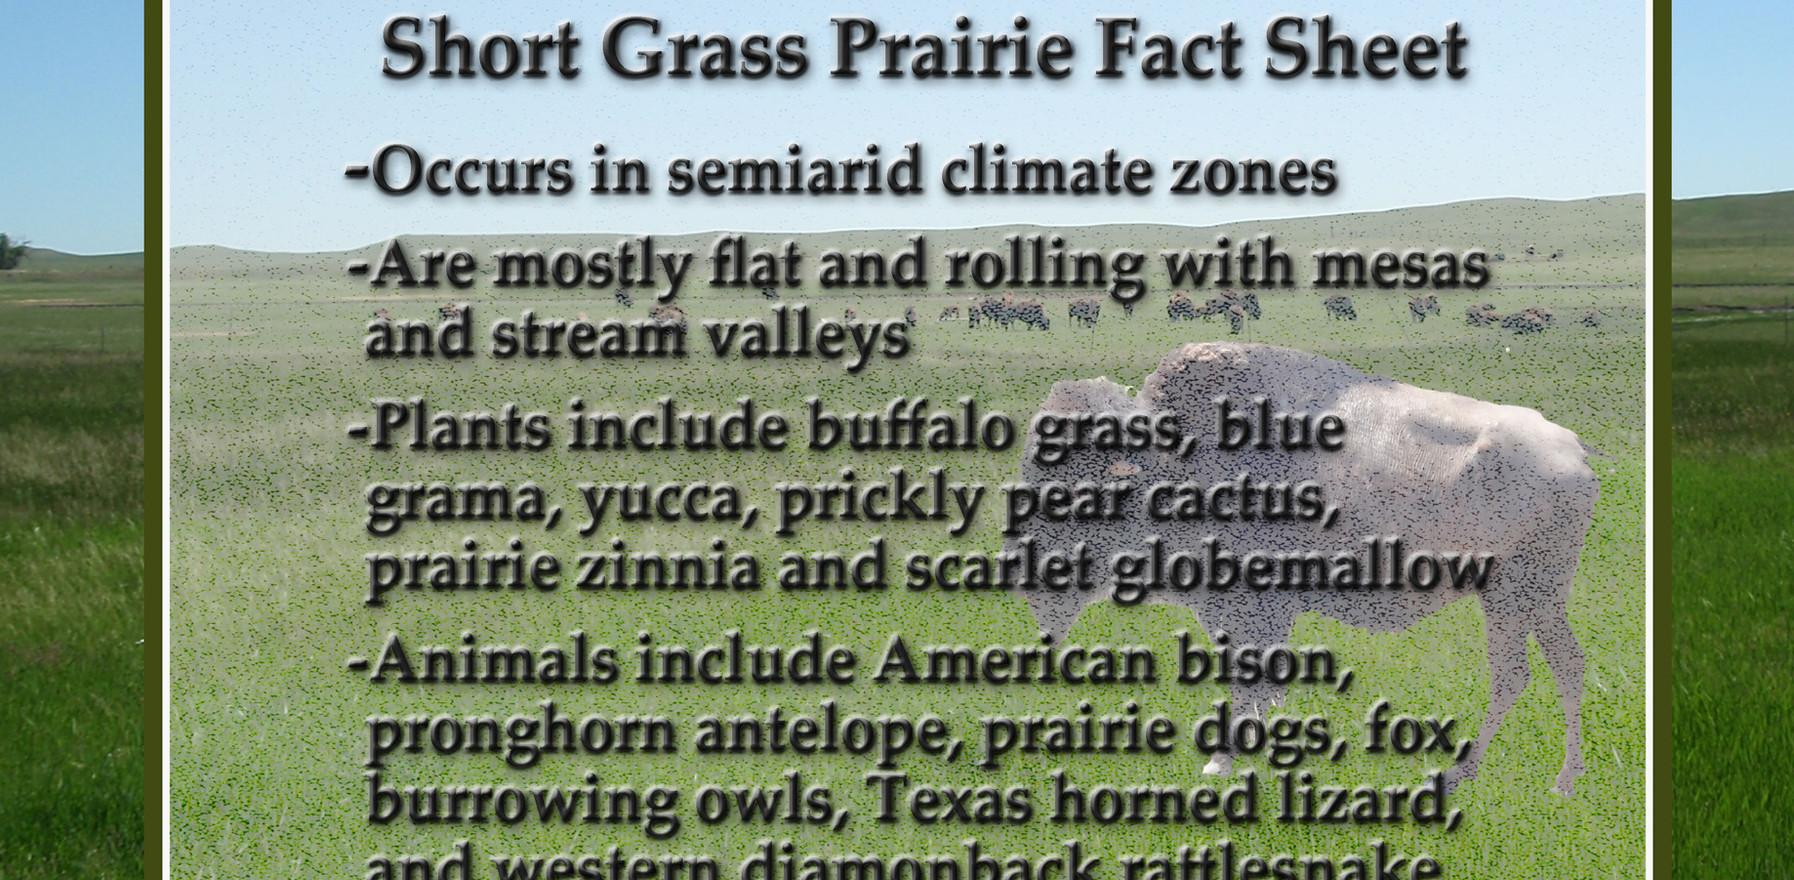 Short Grass Prairie Fact Sheet